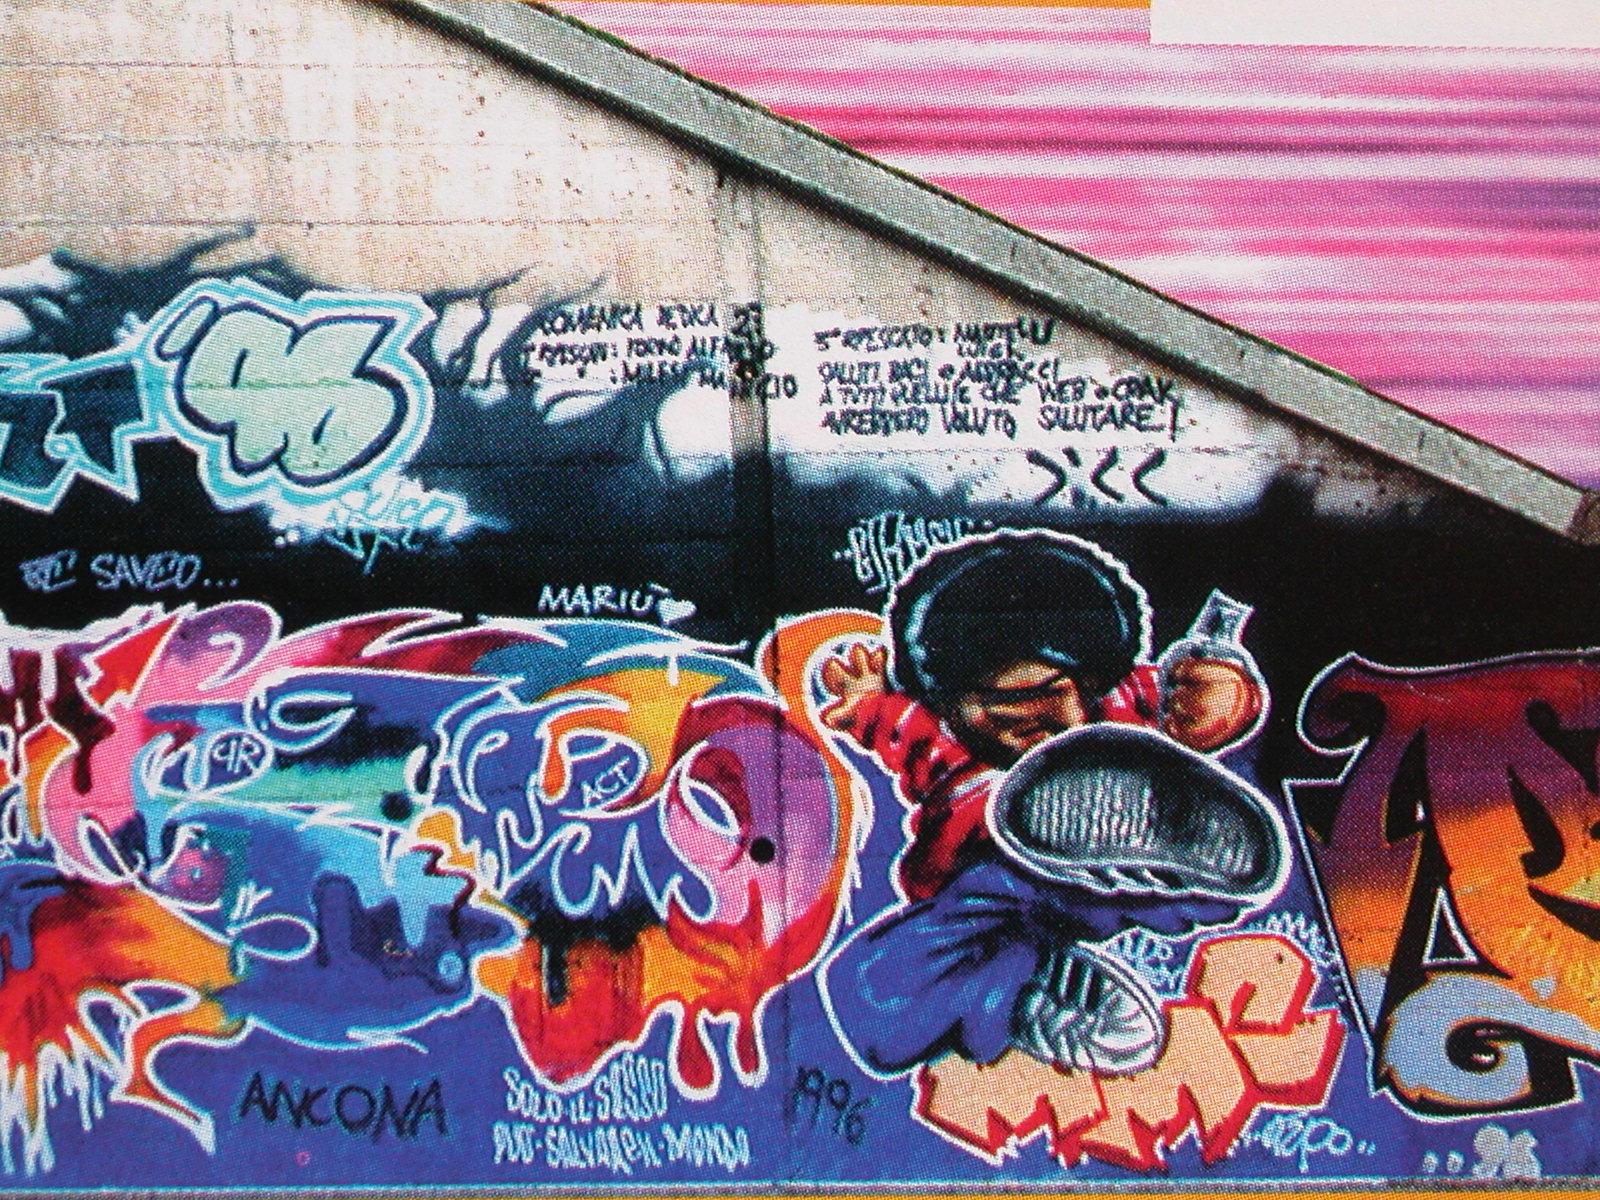 hip_hop_writing_dtt (1619).jpg